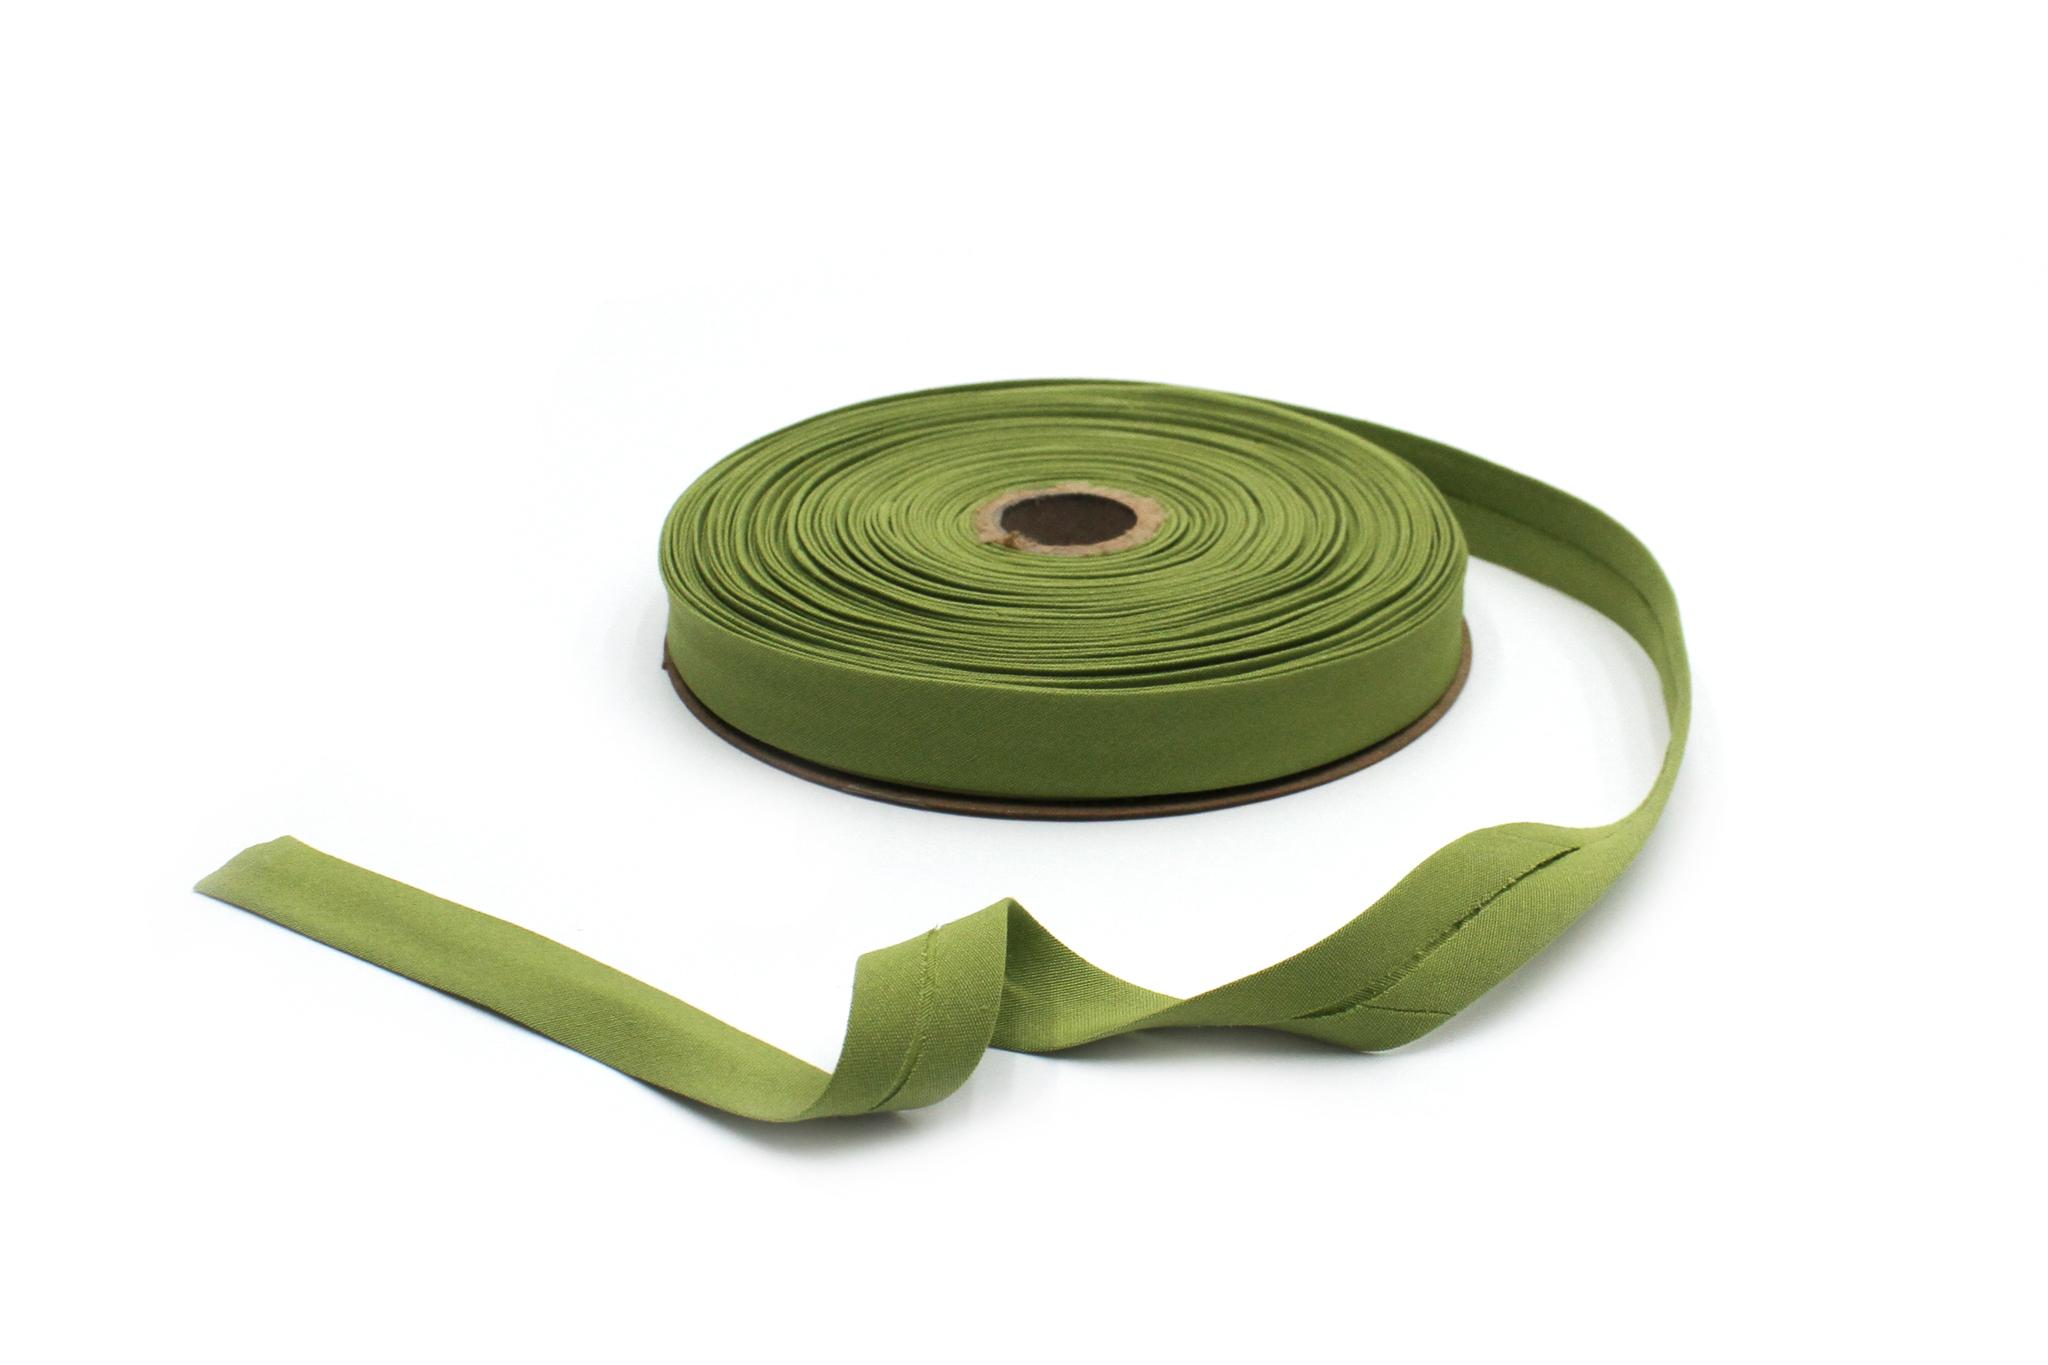 Бейка косая х/б,20 мм, зеленая трава